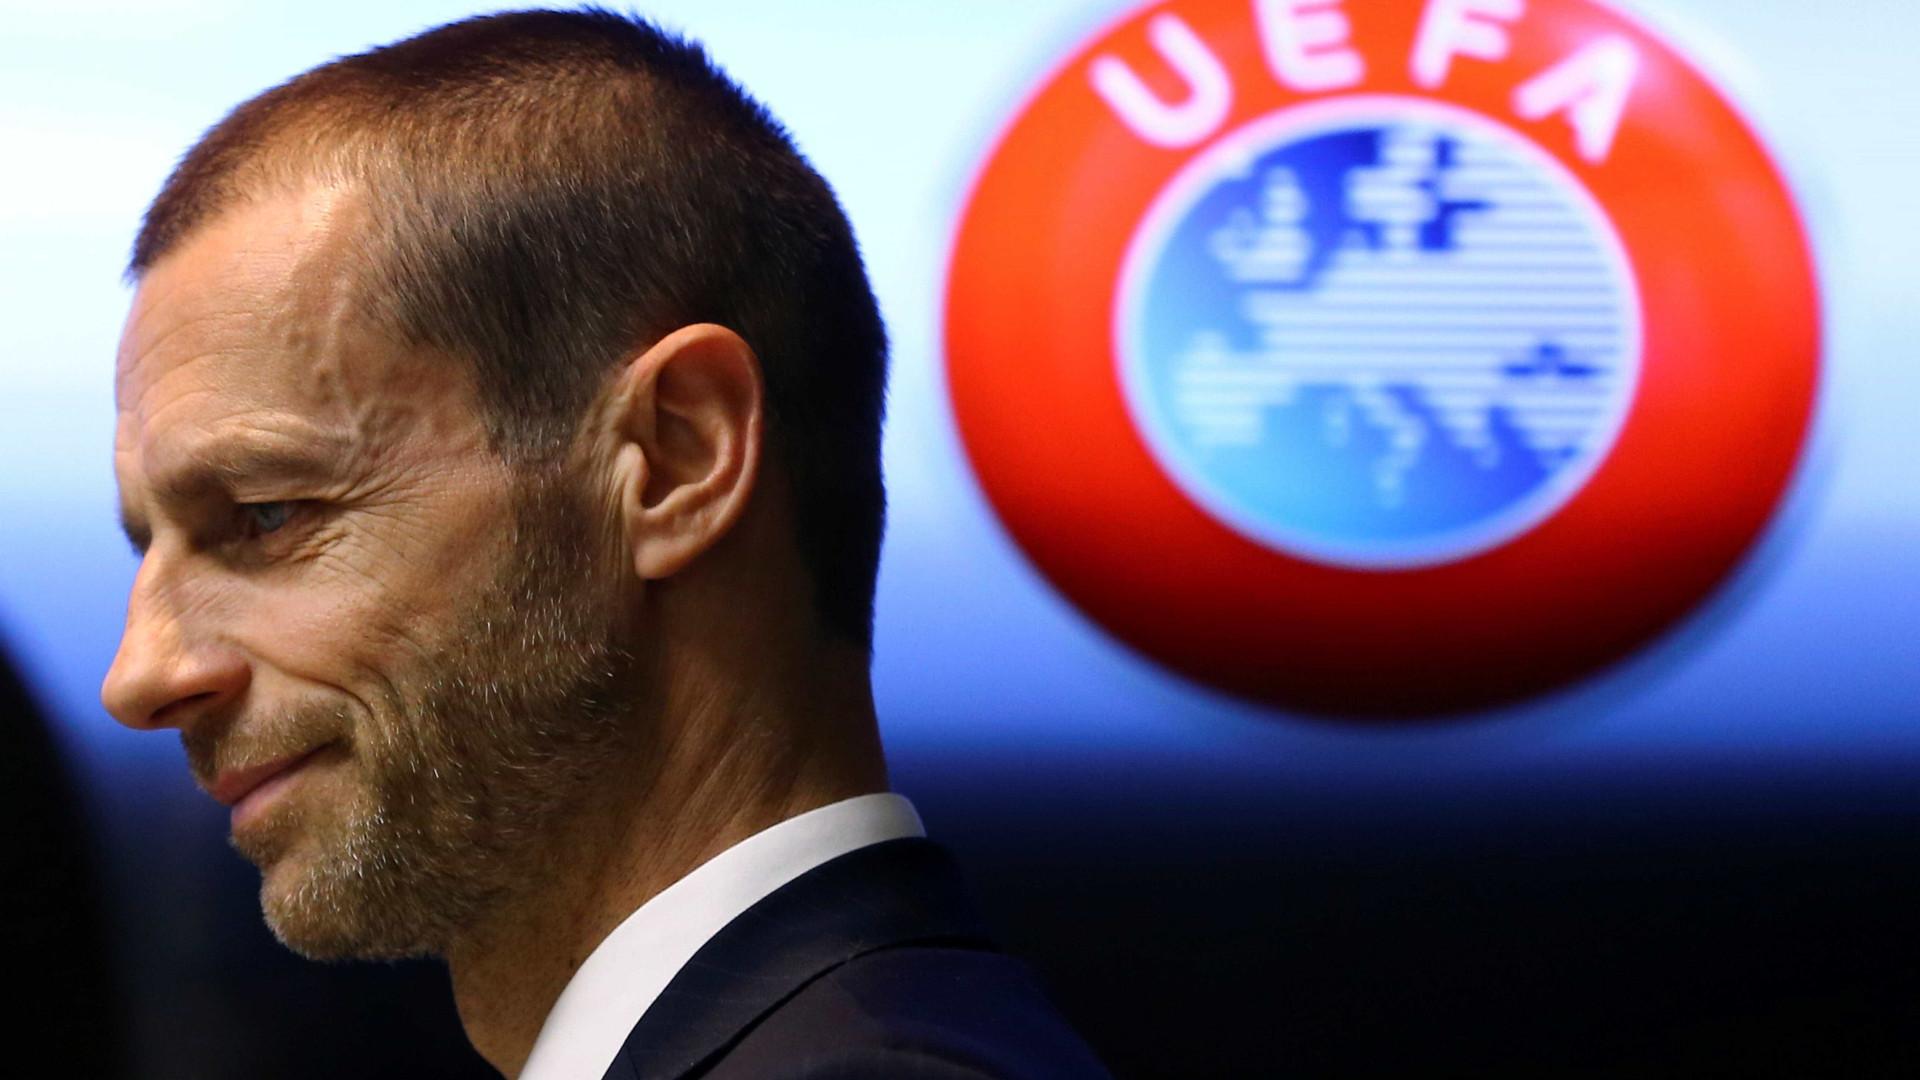 Fim da 'loucura' no mercado: As 6 medidas da UEFA que prometem mudar tudo